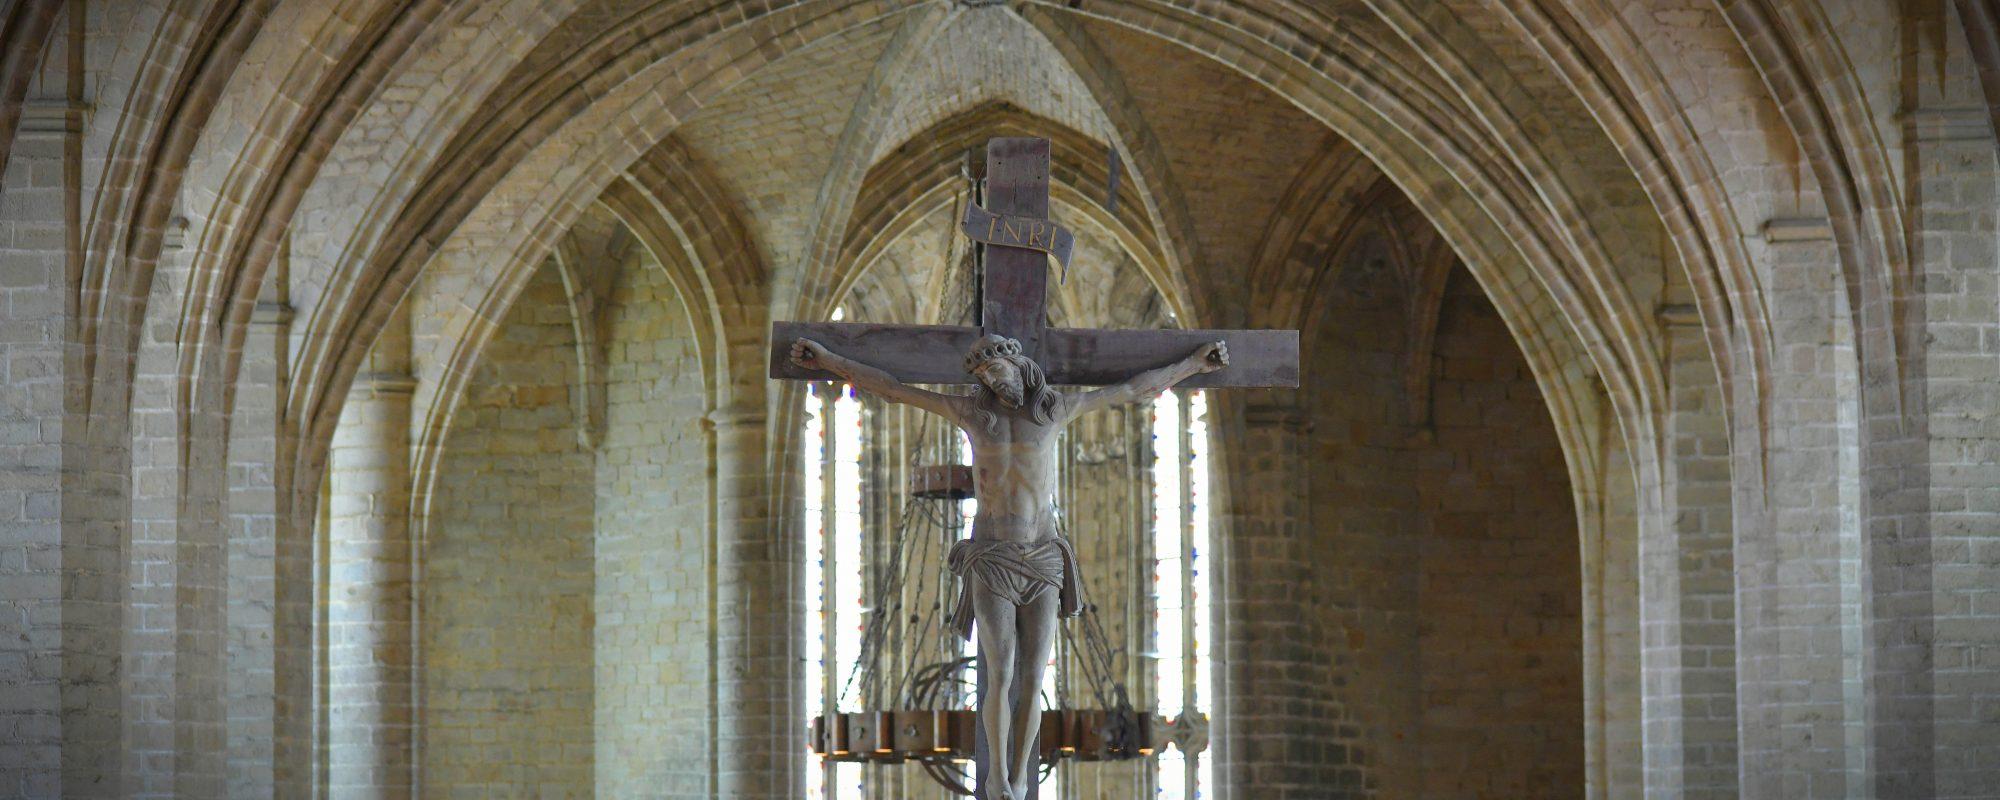 La nef de l'Abbatiale de La Chaise-Dieu